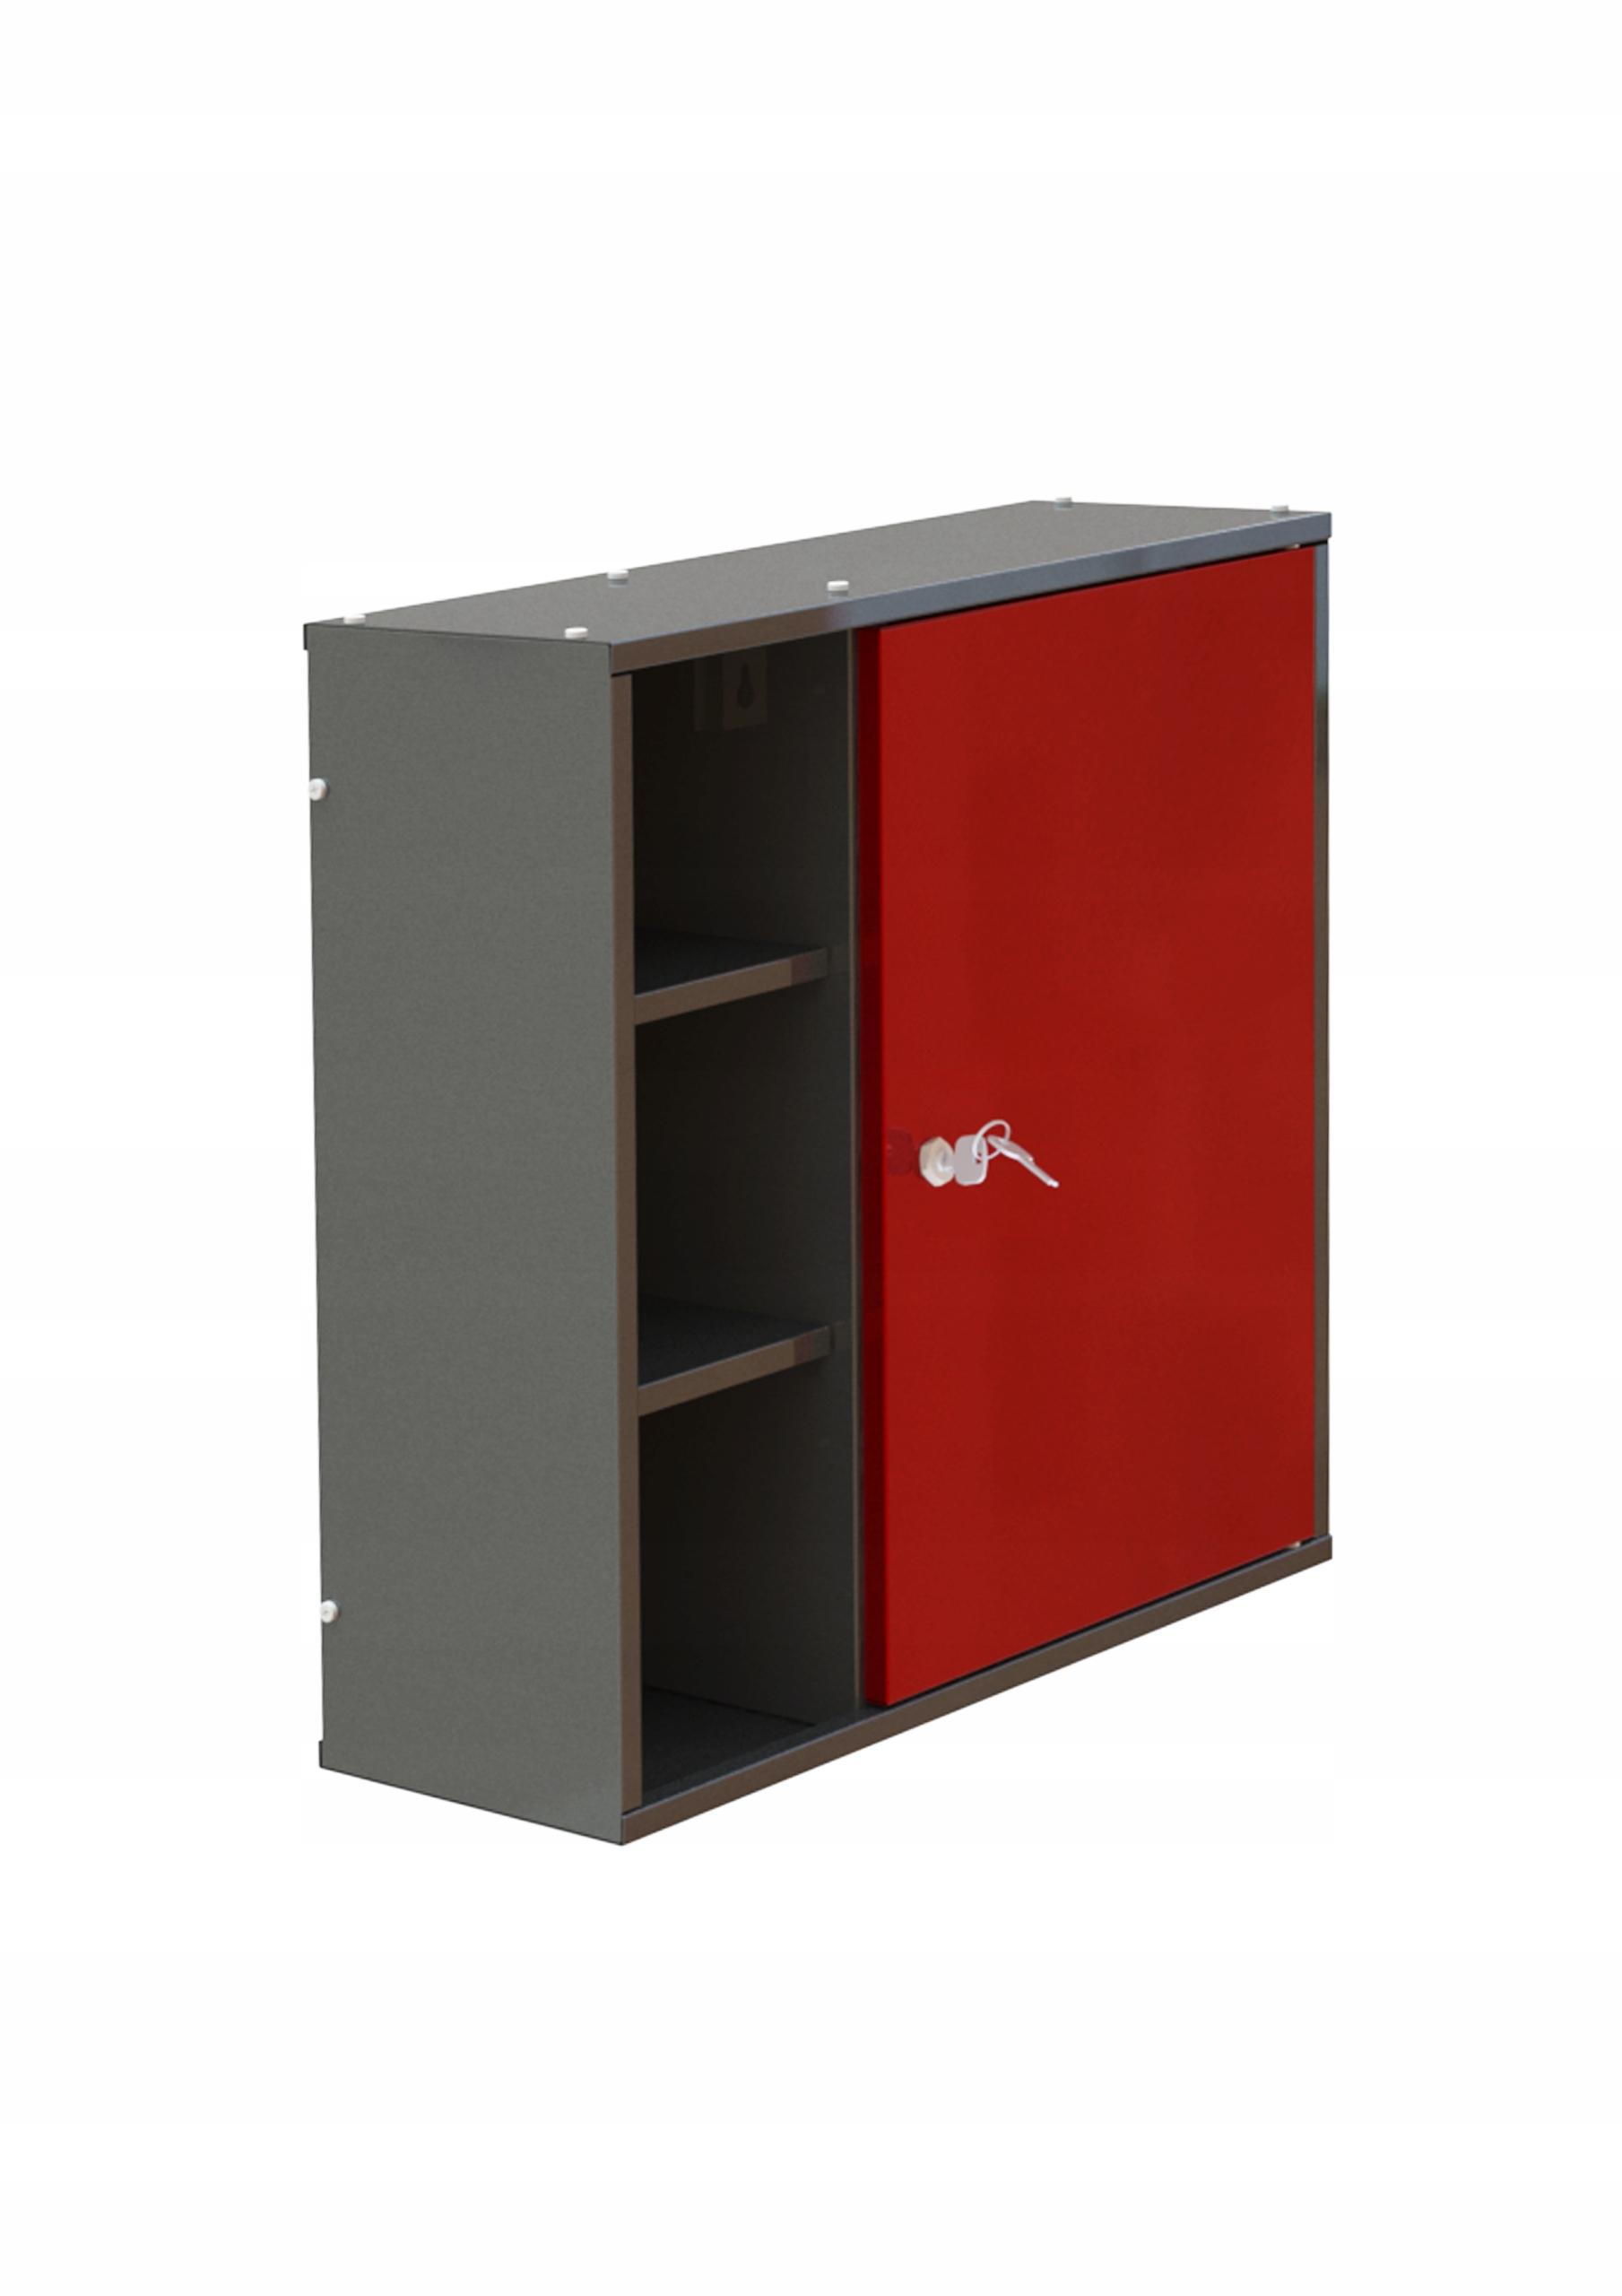 Кабинет мастерская гараж гаражная мебель ключ